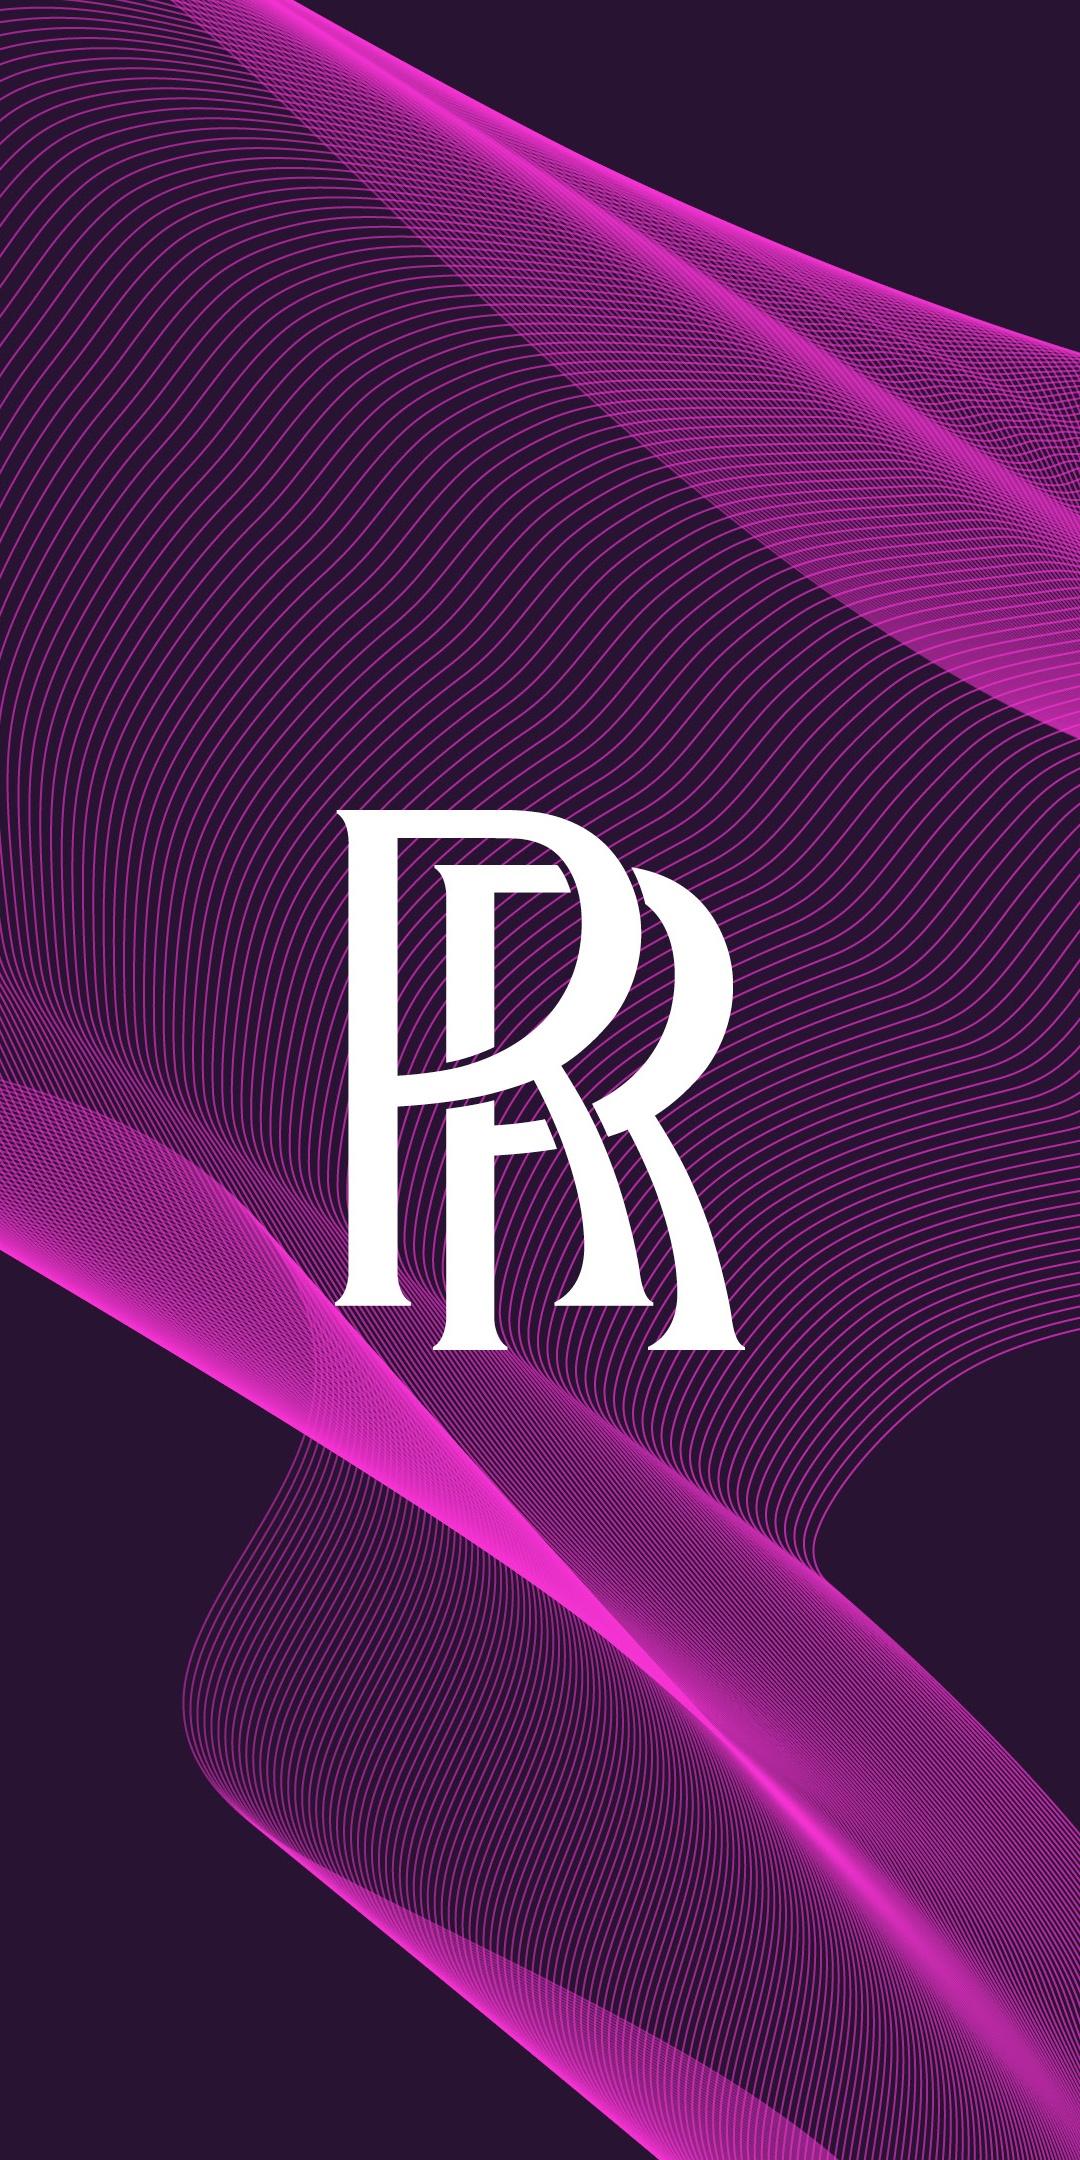 Rolls-Royce 4K Wallpaper, Purple background, Logo, Cars, #3880